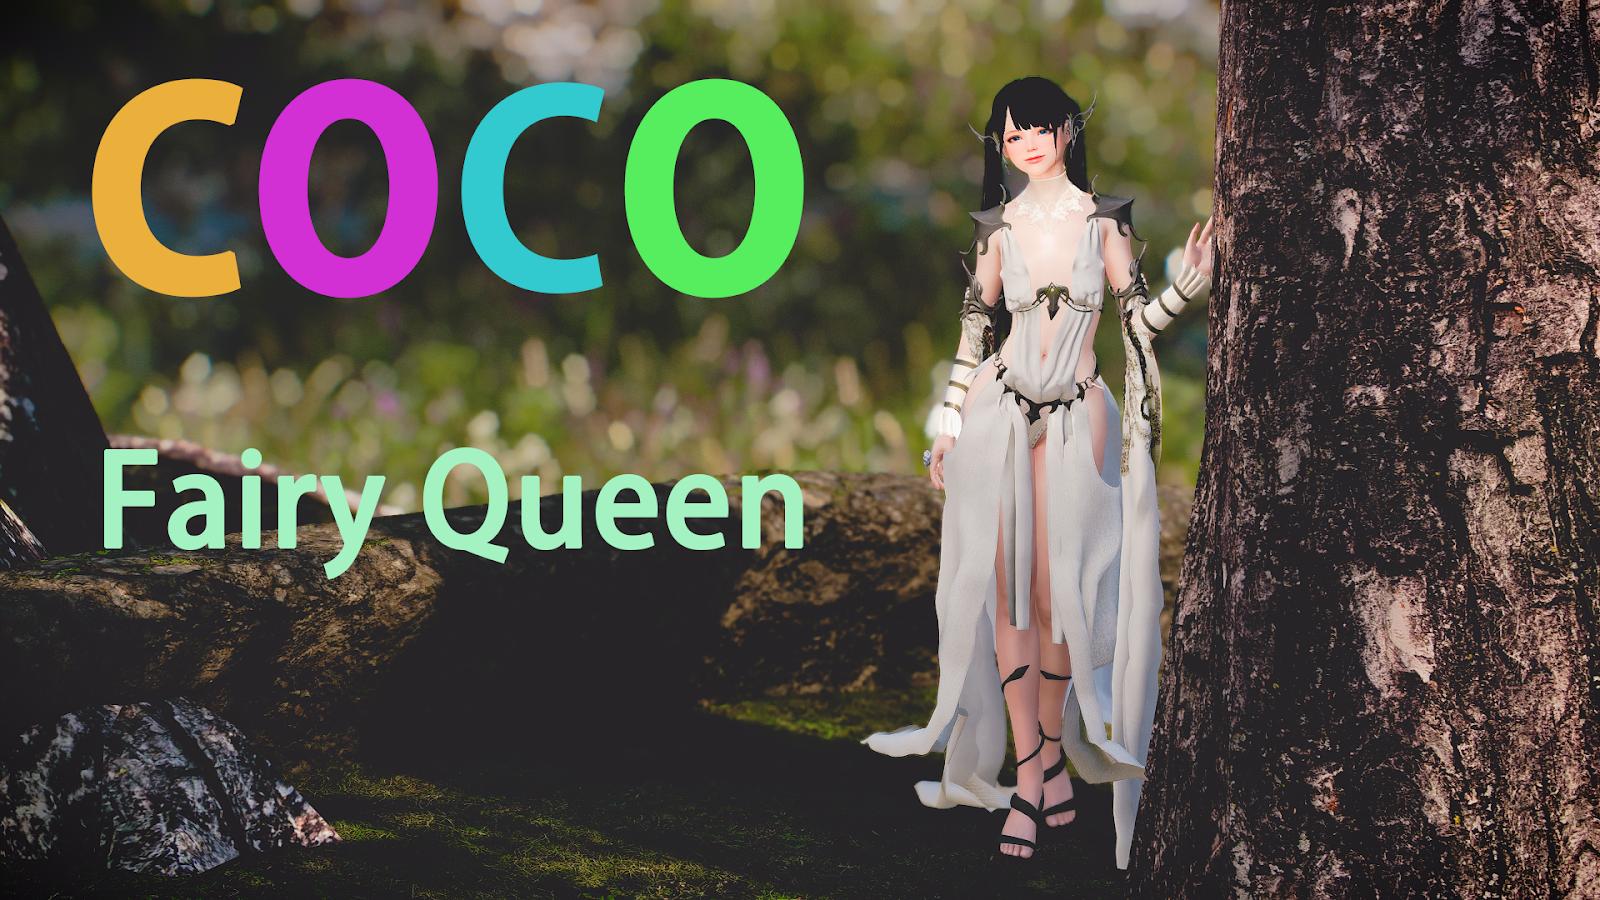 [COCO] Fairy Queen SE SMP CBBE 3BA BodySlide